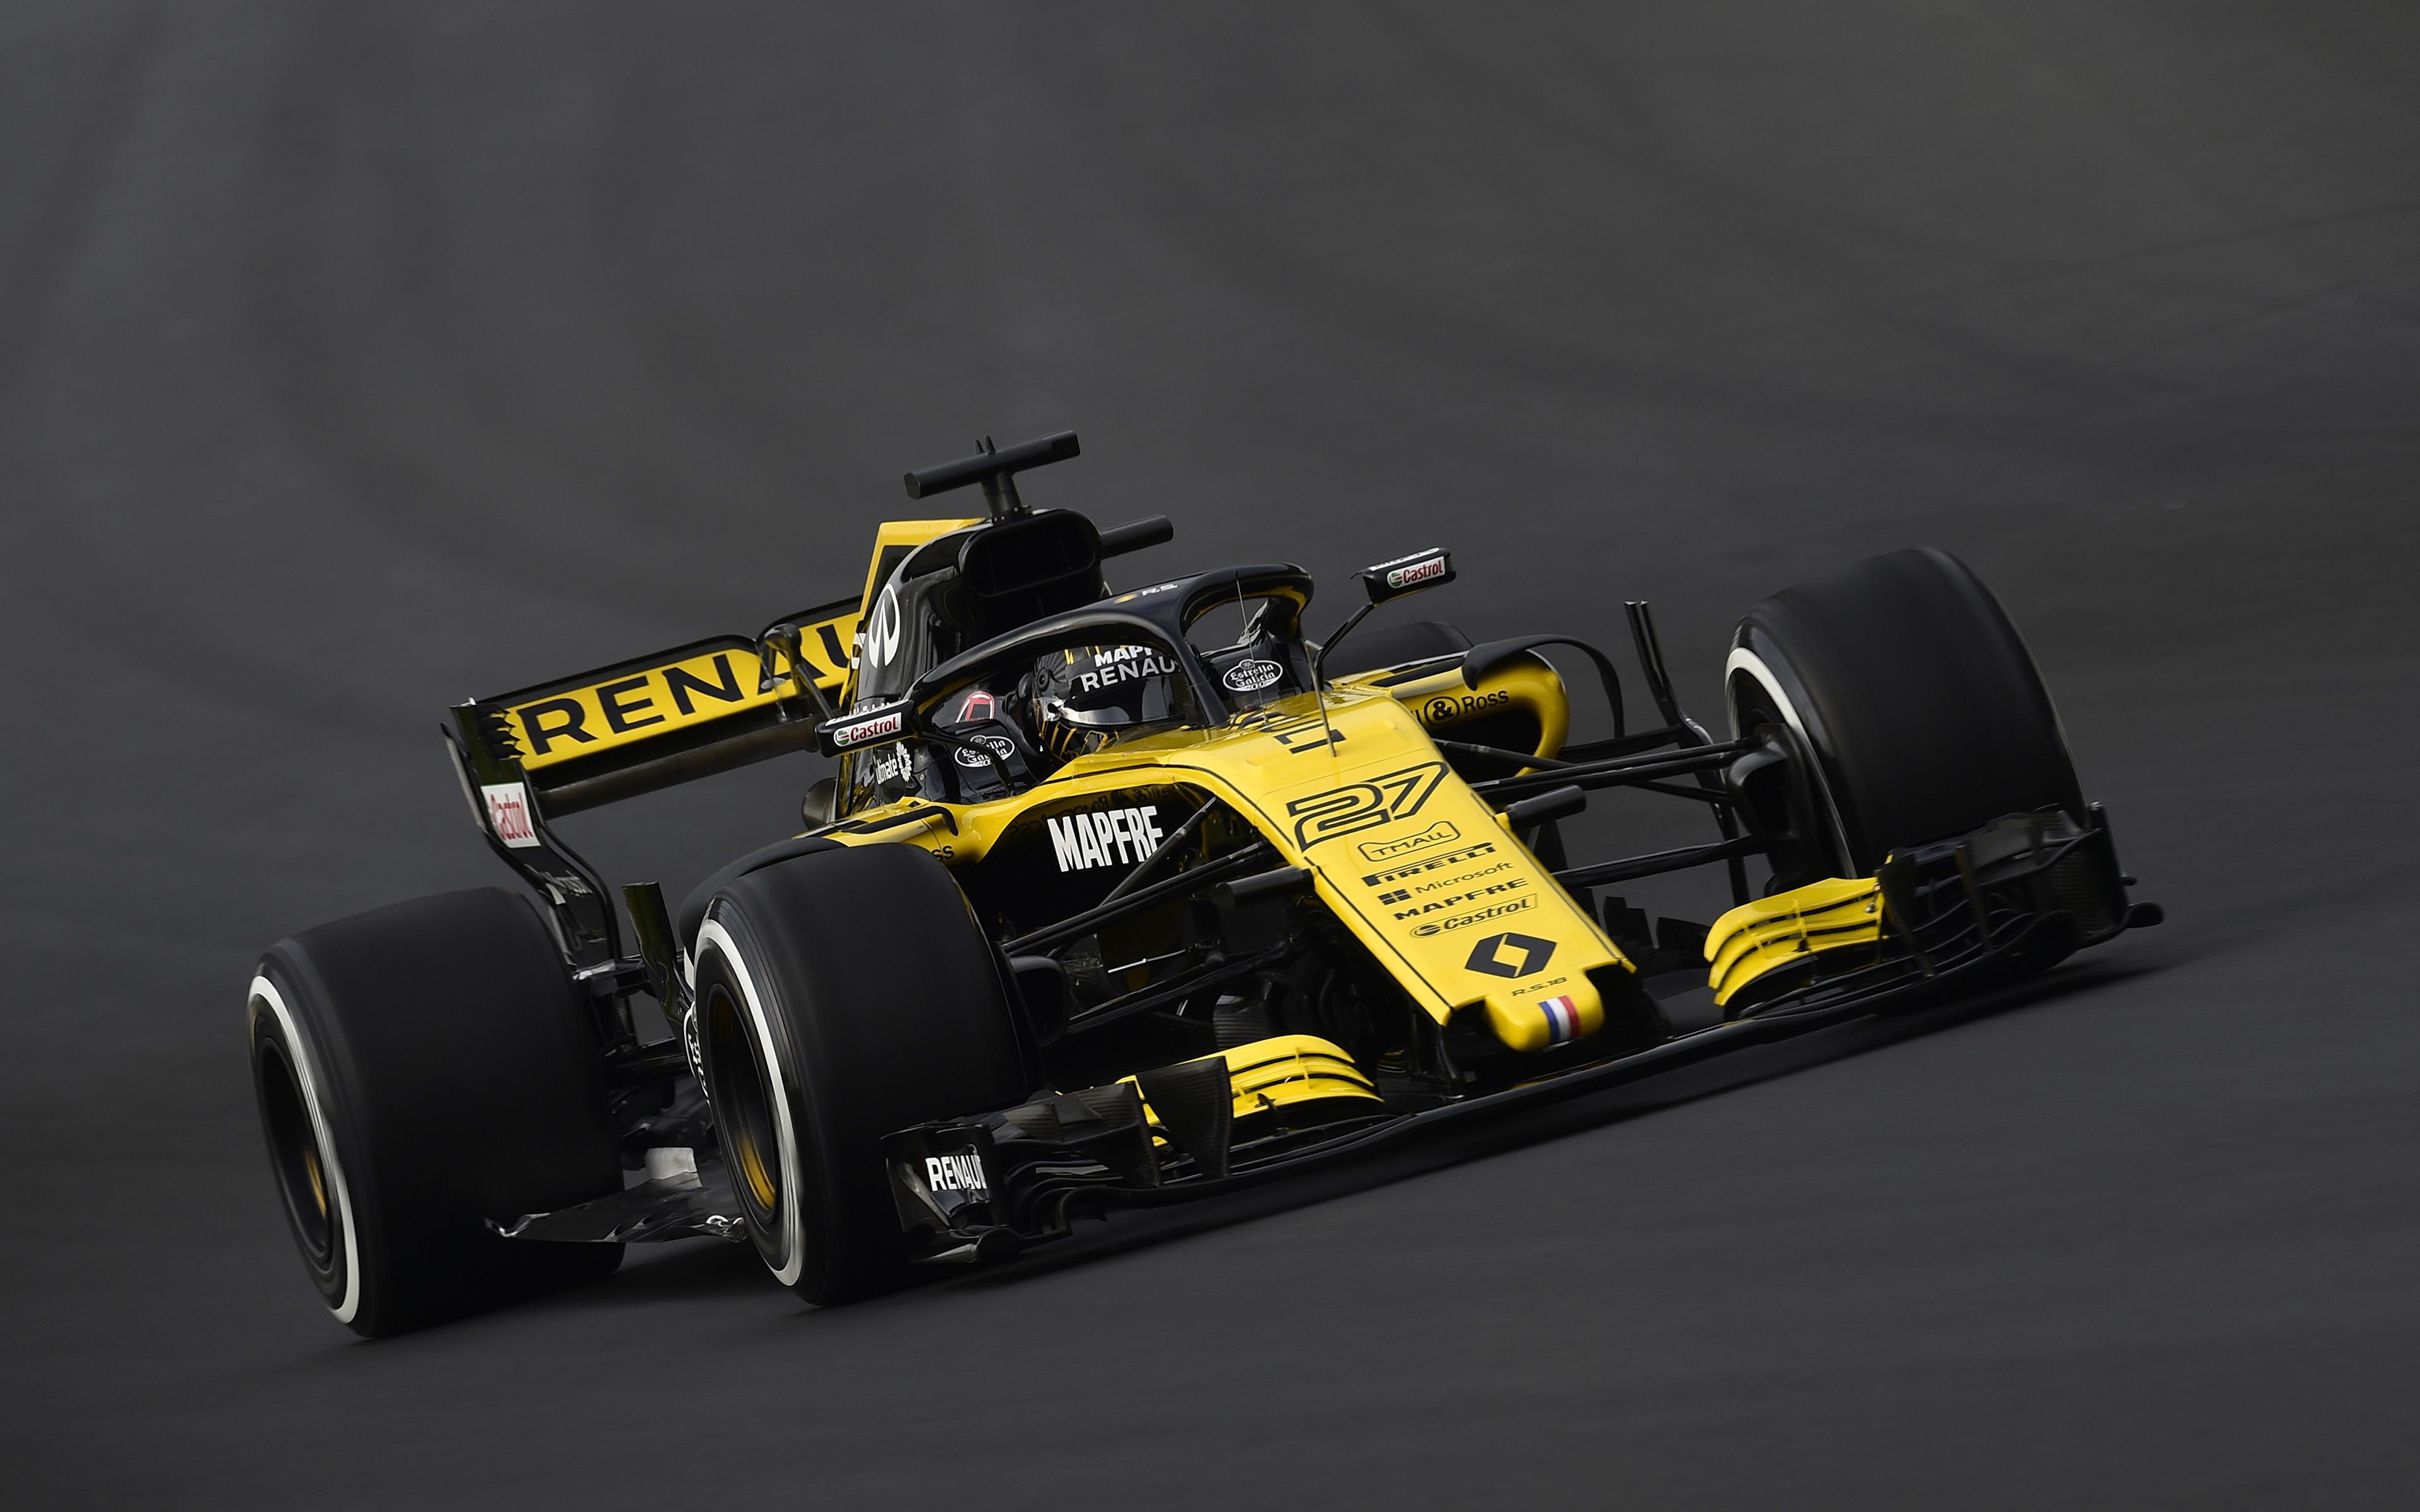 Fondos De Pantalla 3840x2400 Renault Formula 1 2018 Rs18